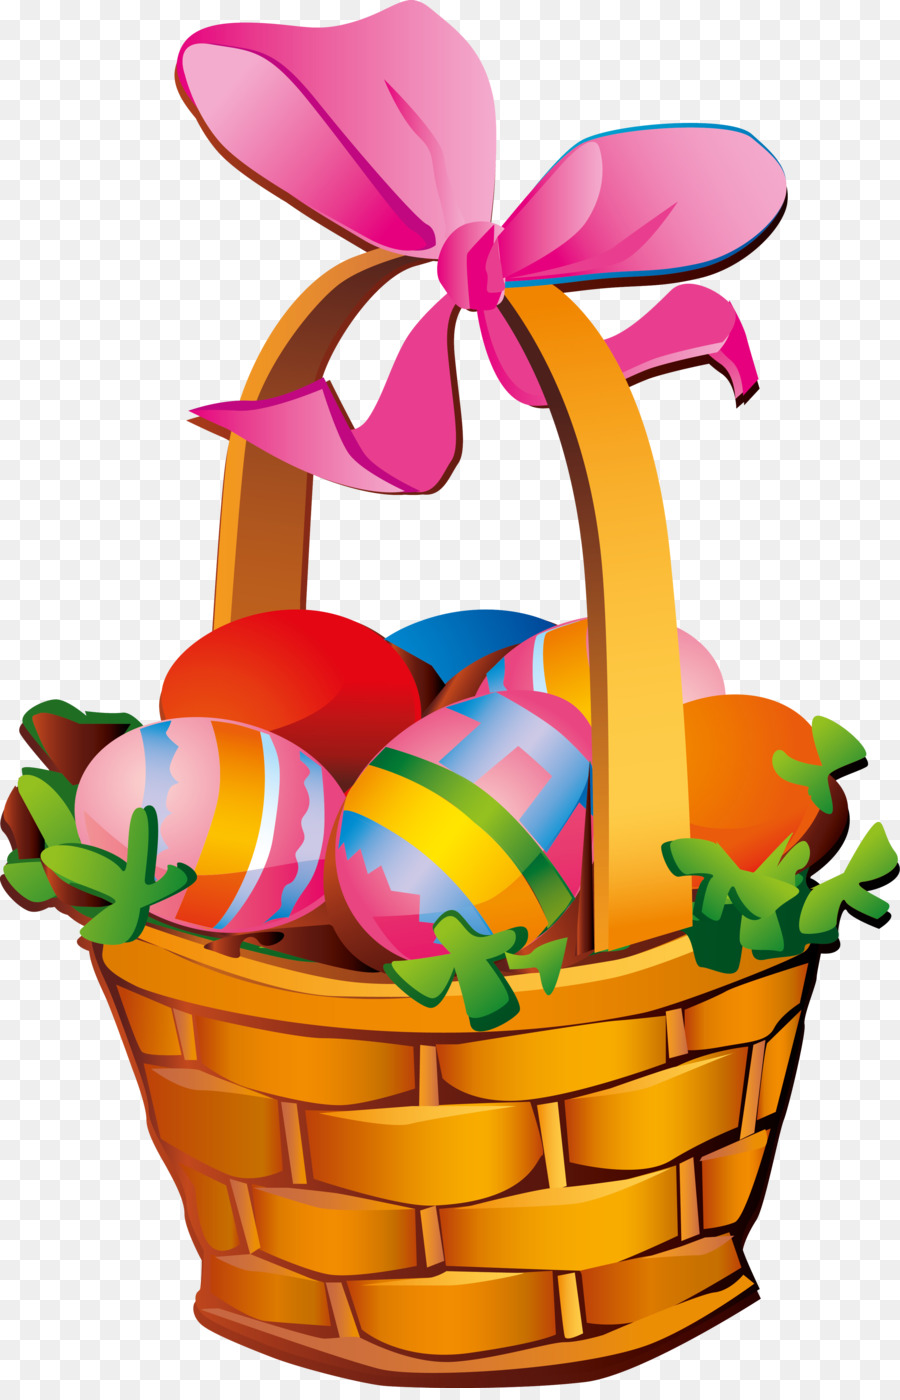 Корзинка с яйцами картинки для детей